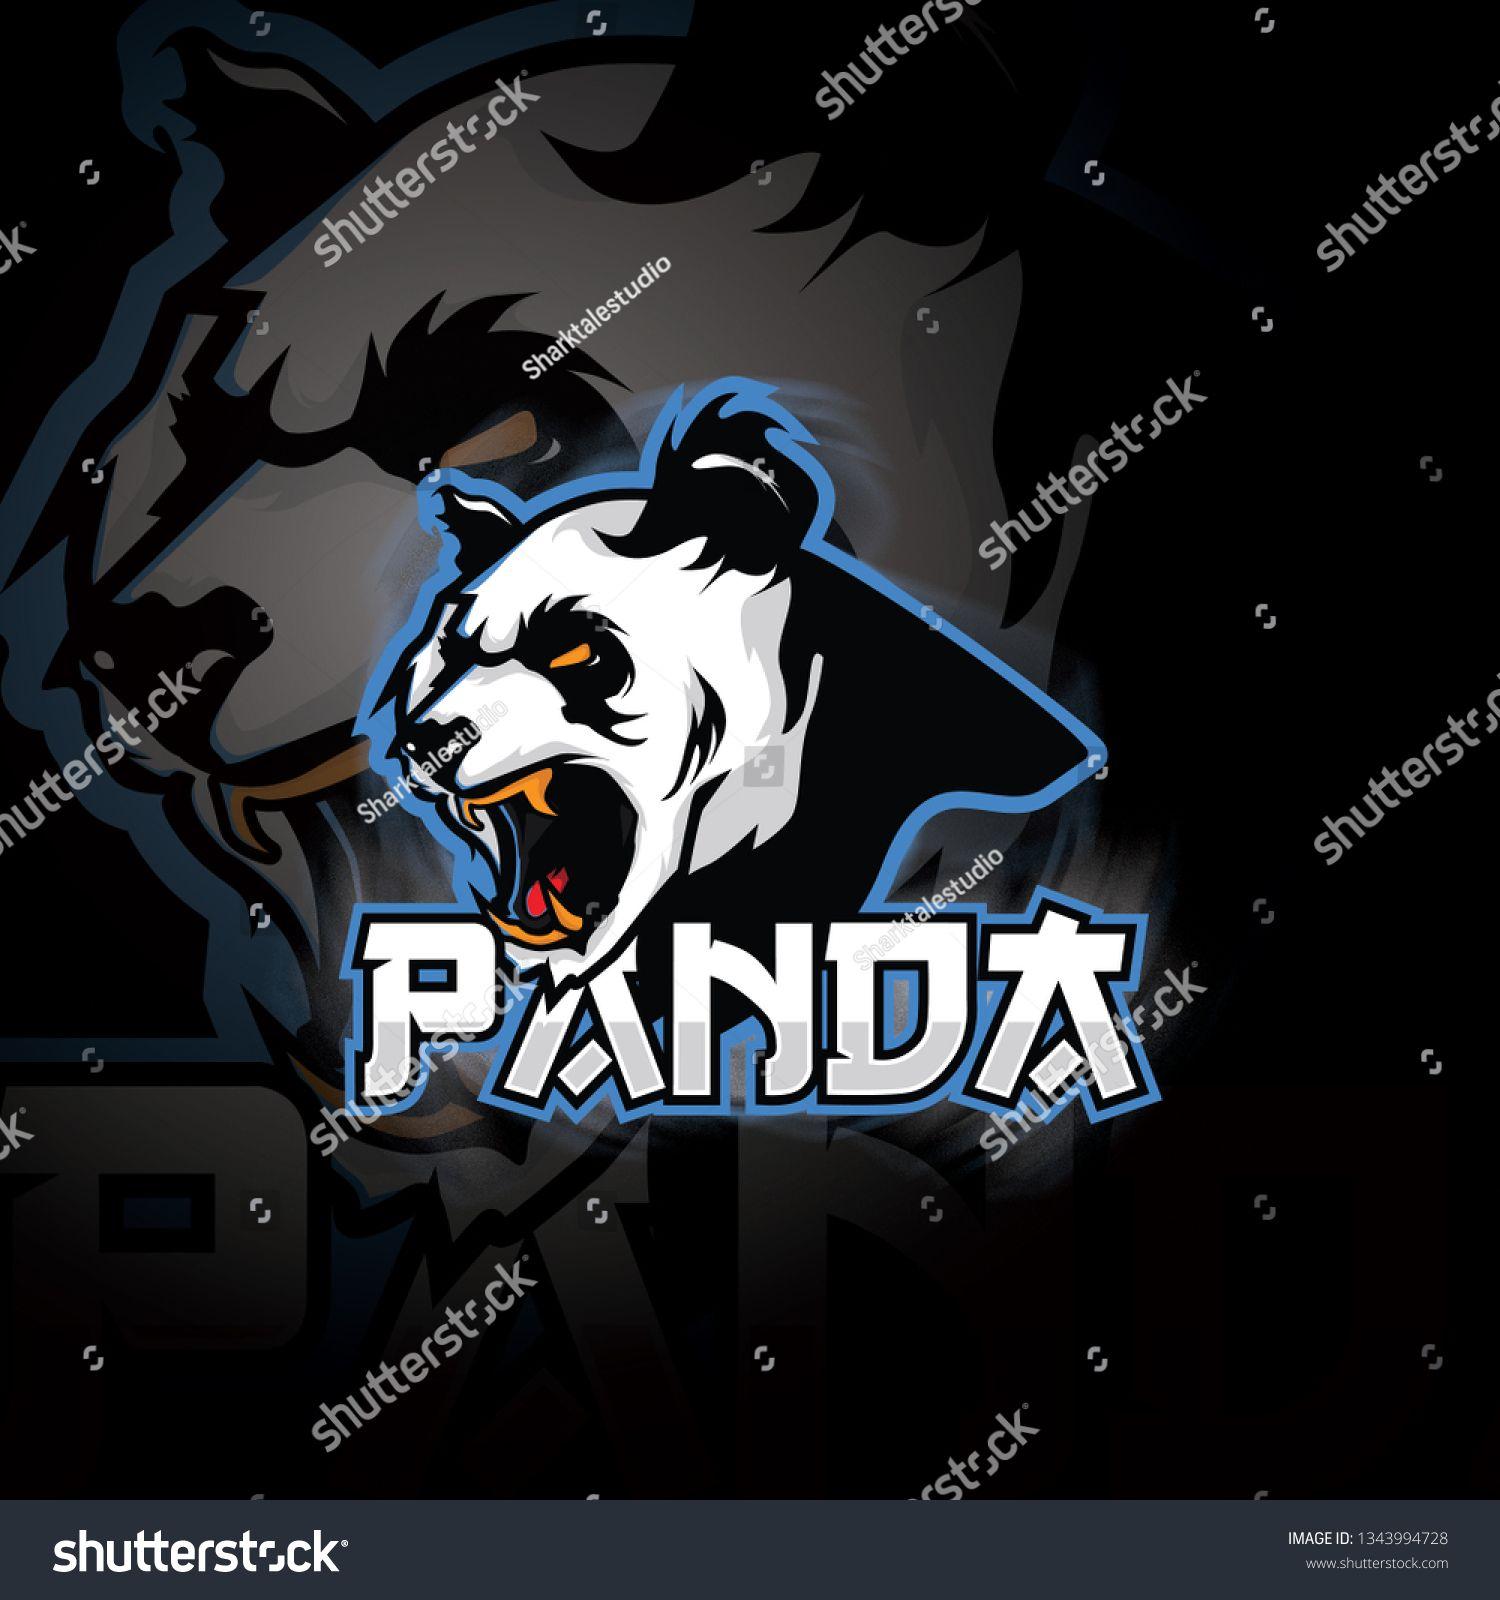 Logo Gambar Panda Sangar Panda Drawing Logo Images How To Make Logo